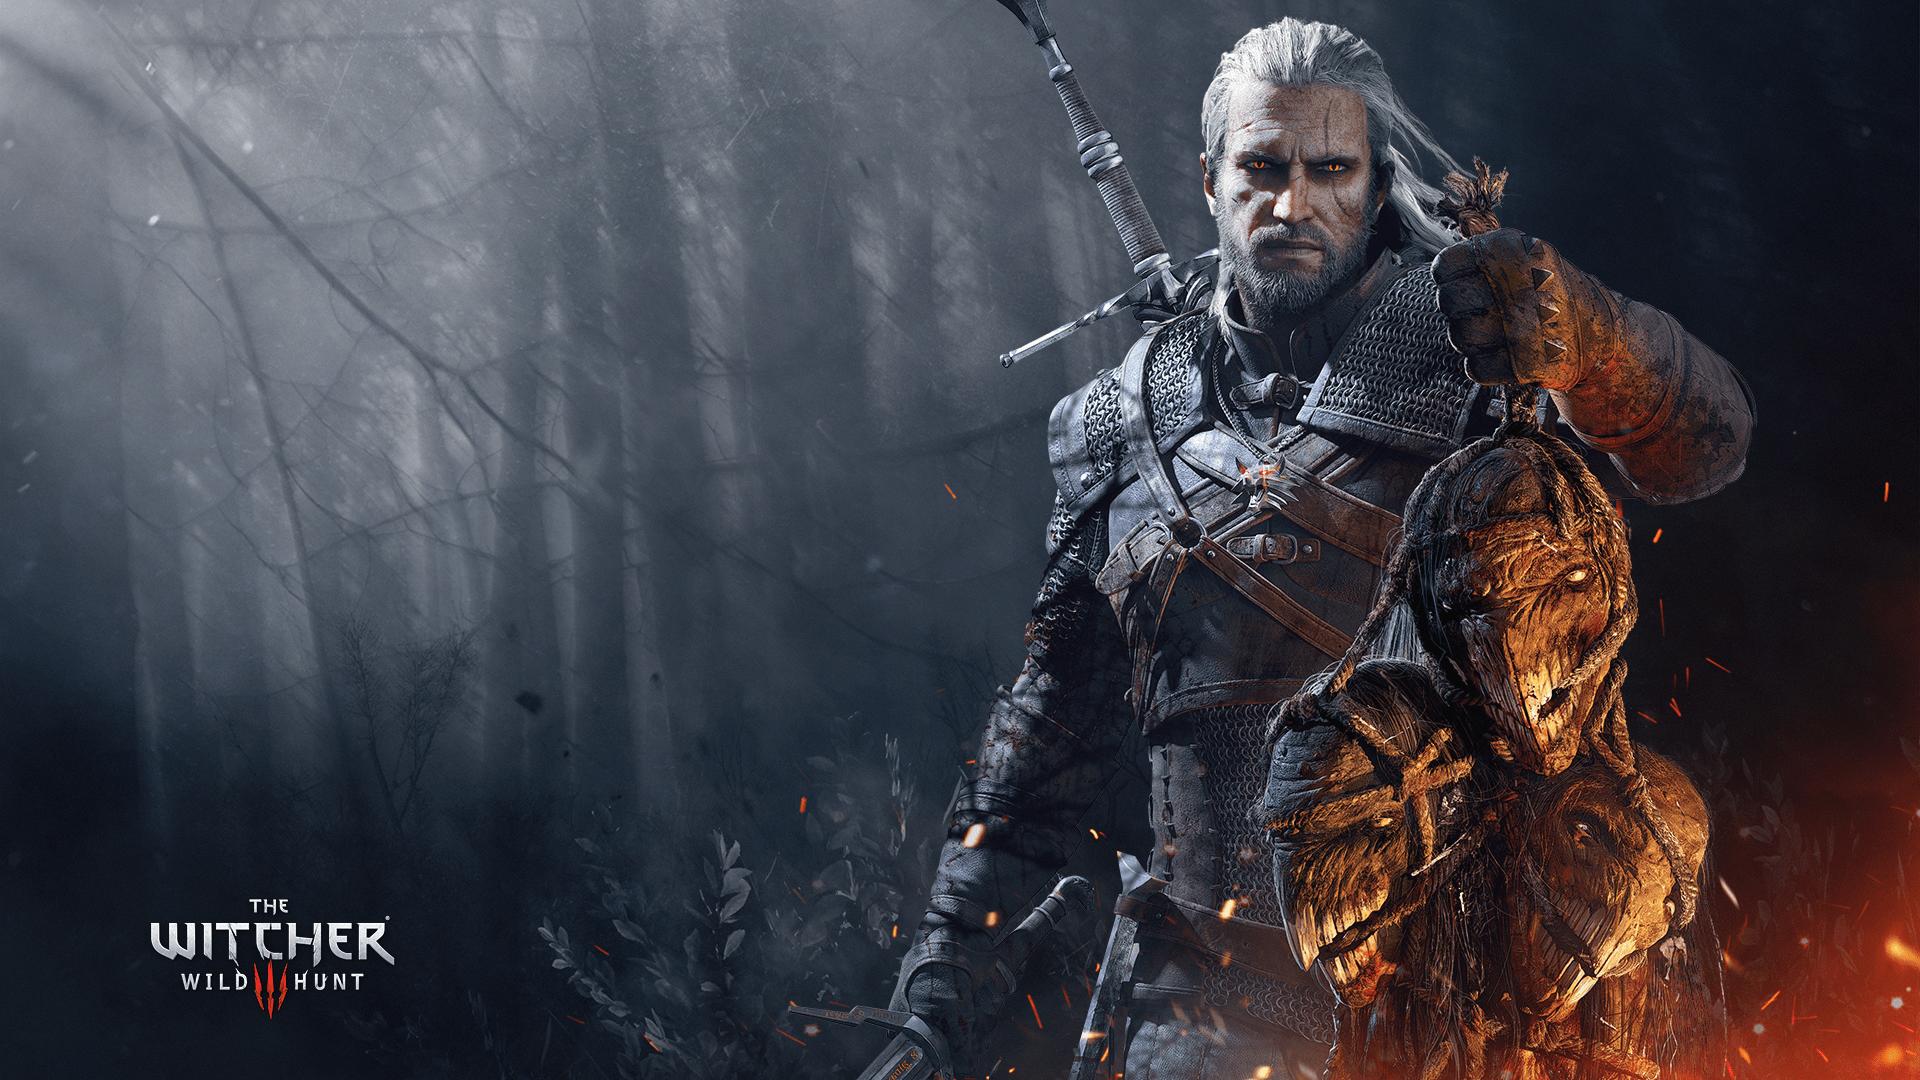 Новая версия мода The Witcher 3 HD Reworked Project добавила в игру еще больше 4K текстур